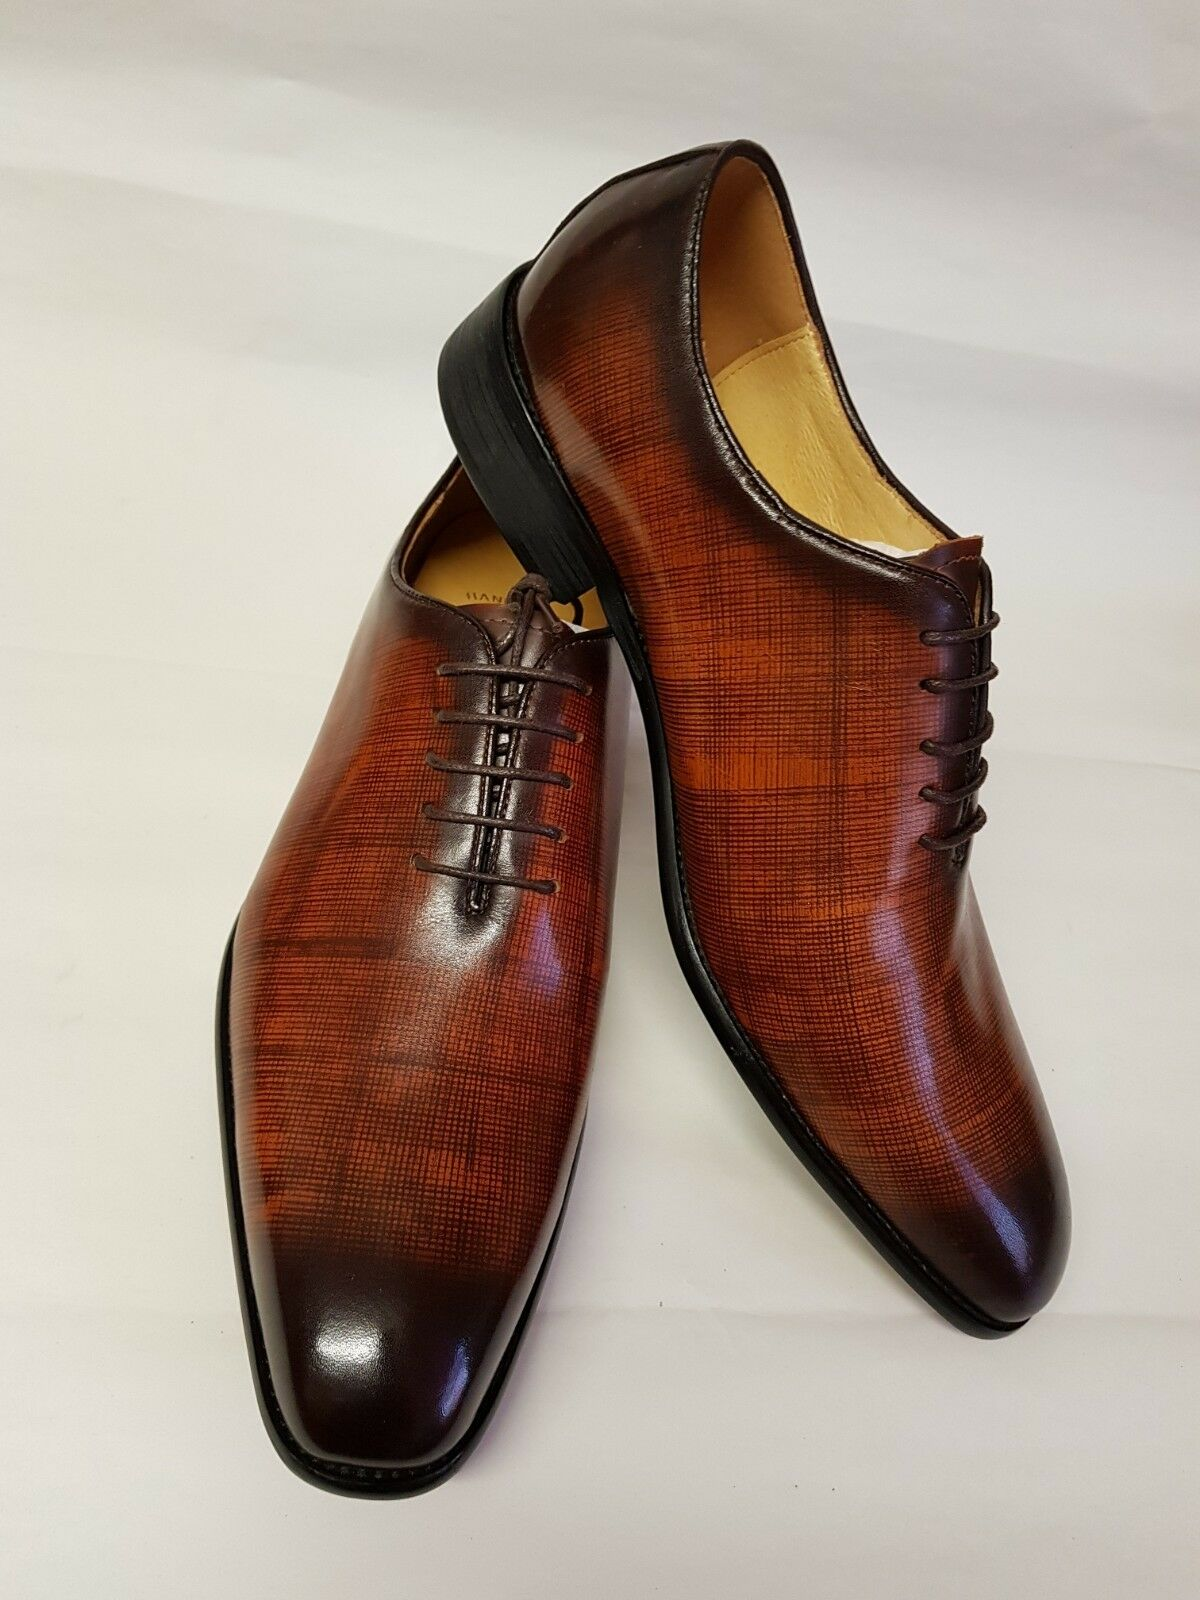 Warberg para hombres Genuino Cuero Vaca Doble Tono Marrón Zapatos Formales